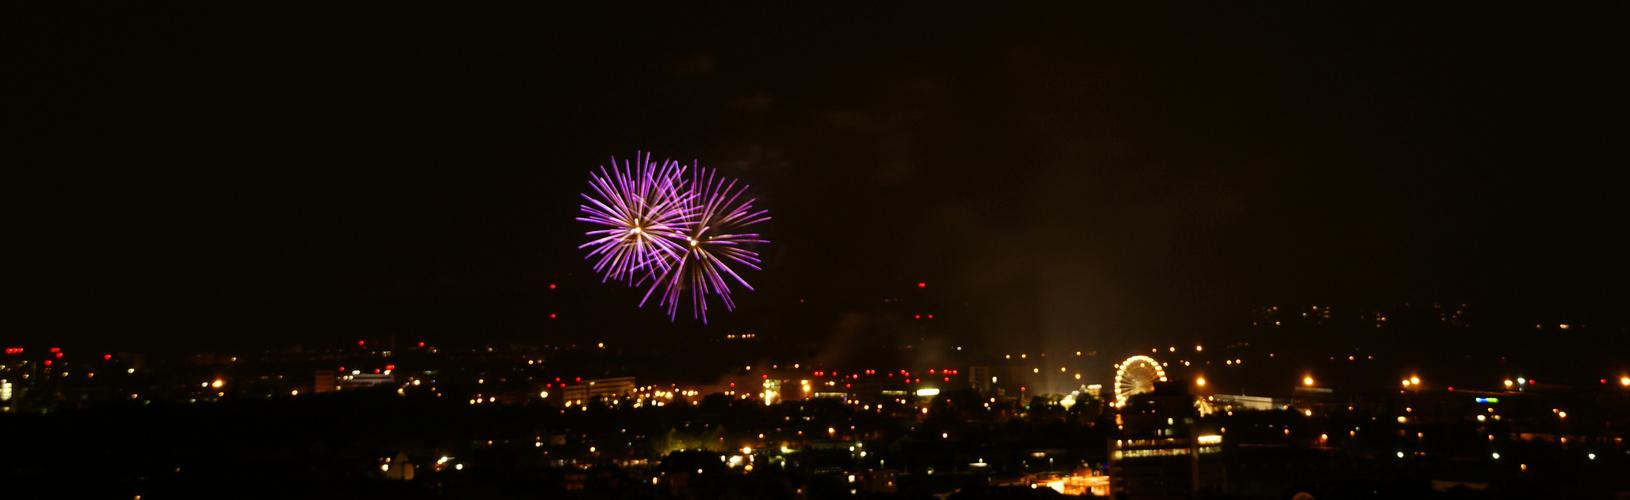 Feuerwerk über Freiburg